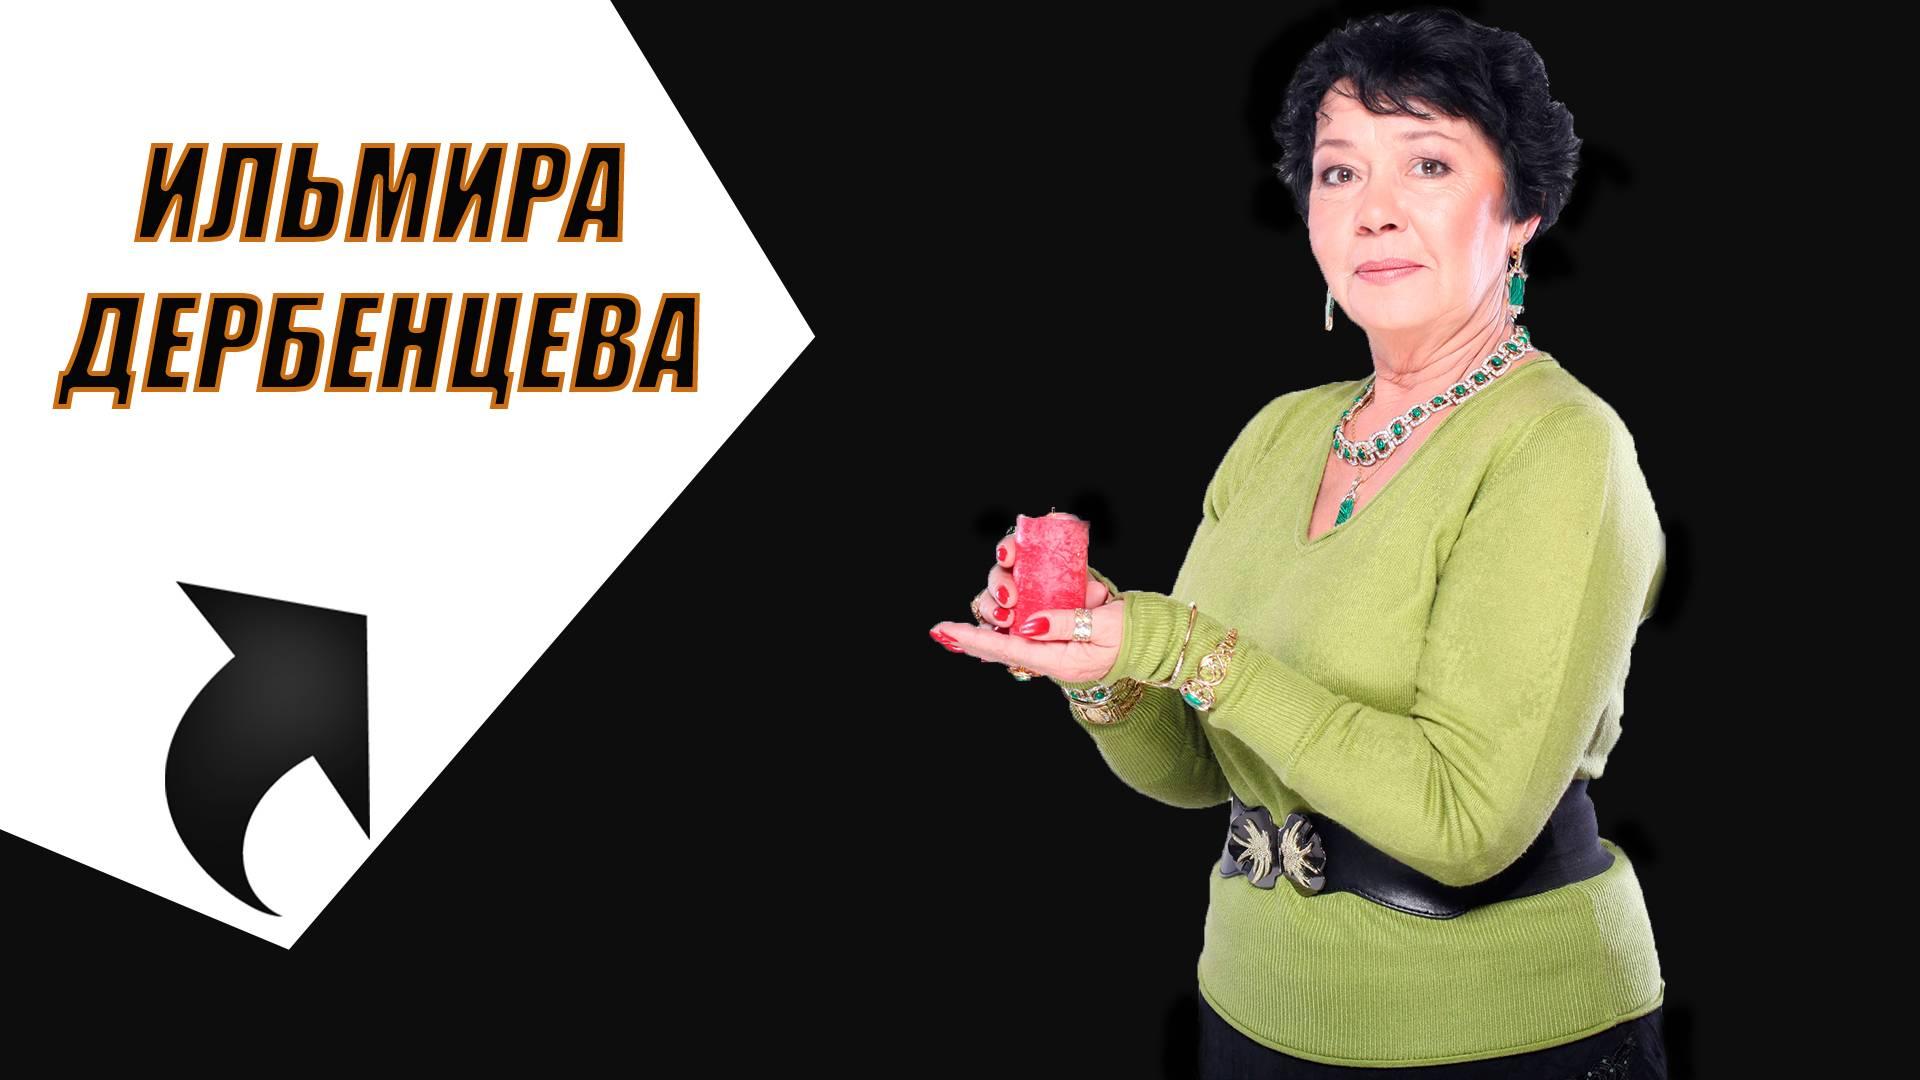 Ильмира дербенцева: «воткнуть в землю и повернуть ножи». 100 самых действенных ритуалов для исполнения желаний от самых известных экстрасенсов